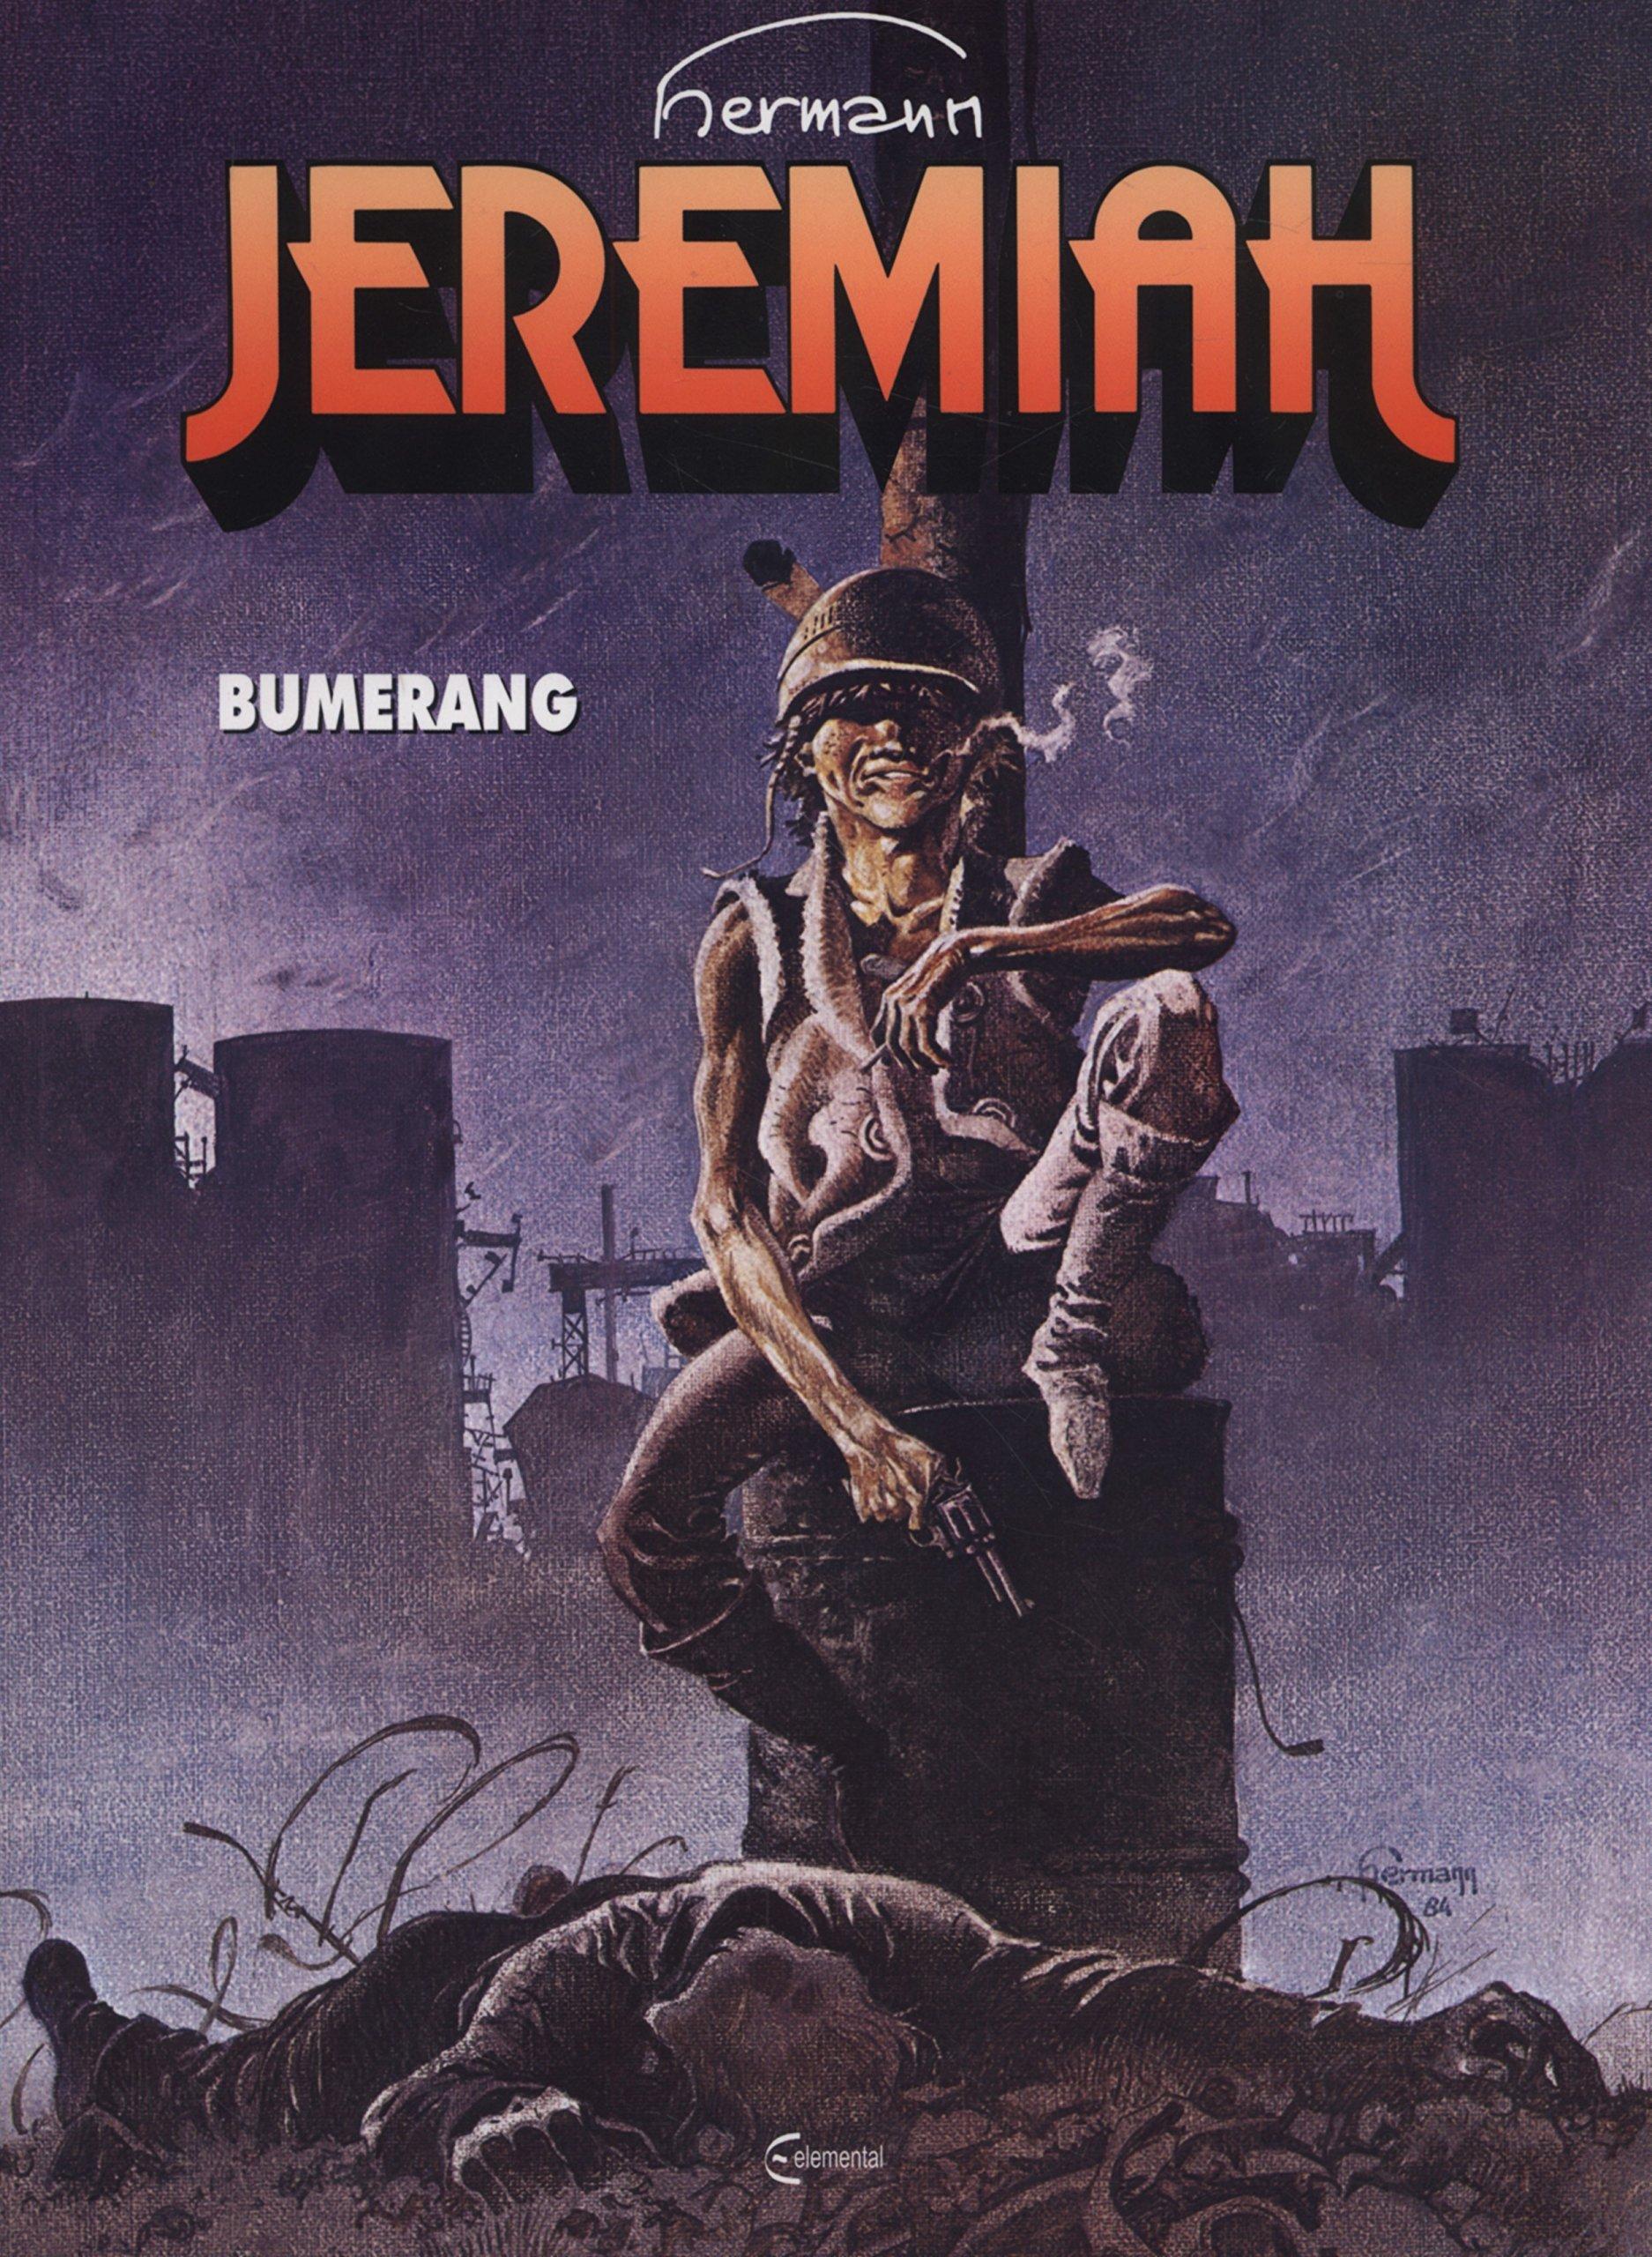 Jeremiah 10 Bumerang